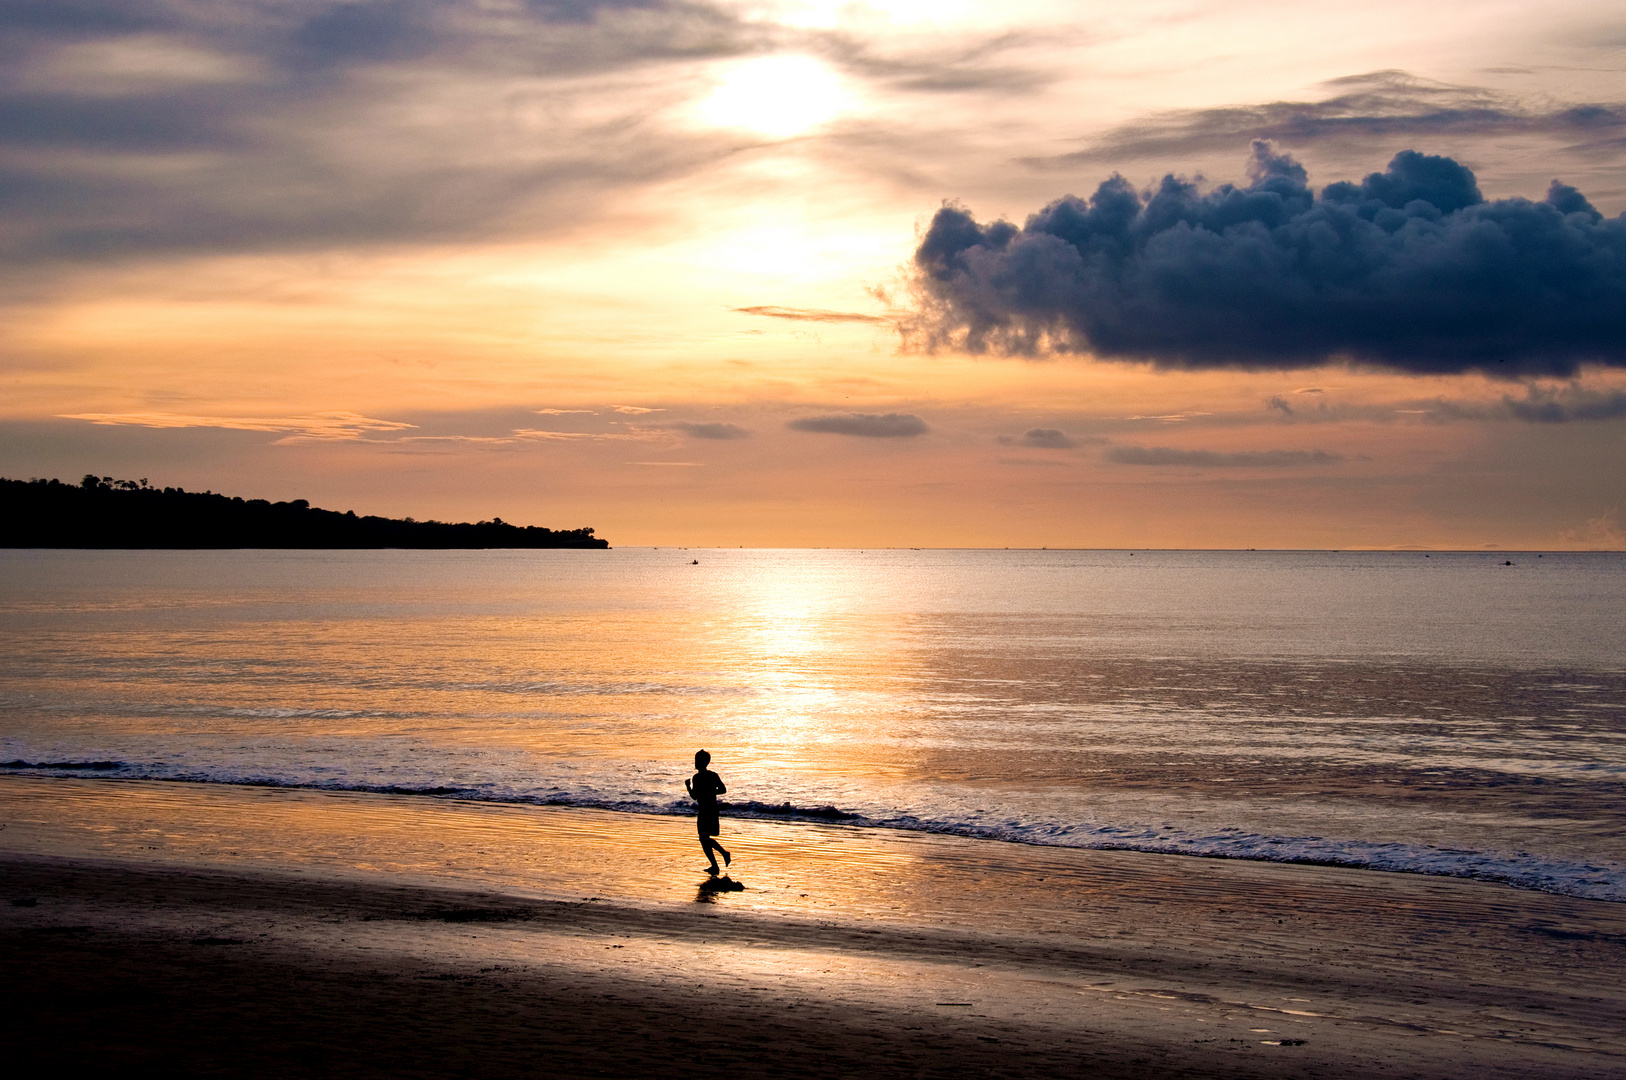 Racing the sun - Tão longe e tão perto — Bali, Jimbaran